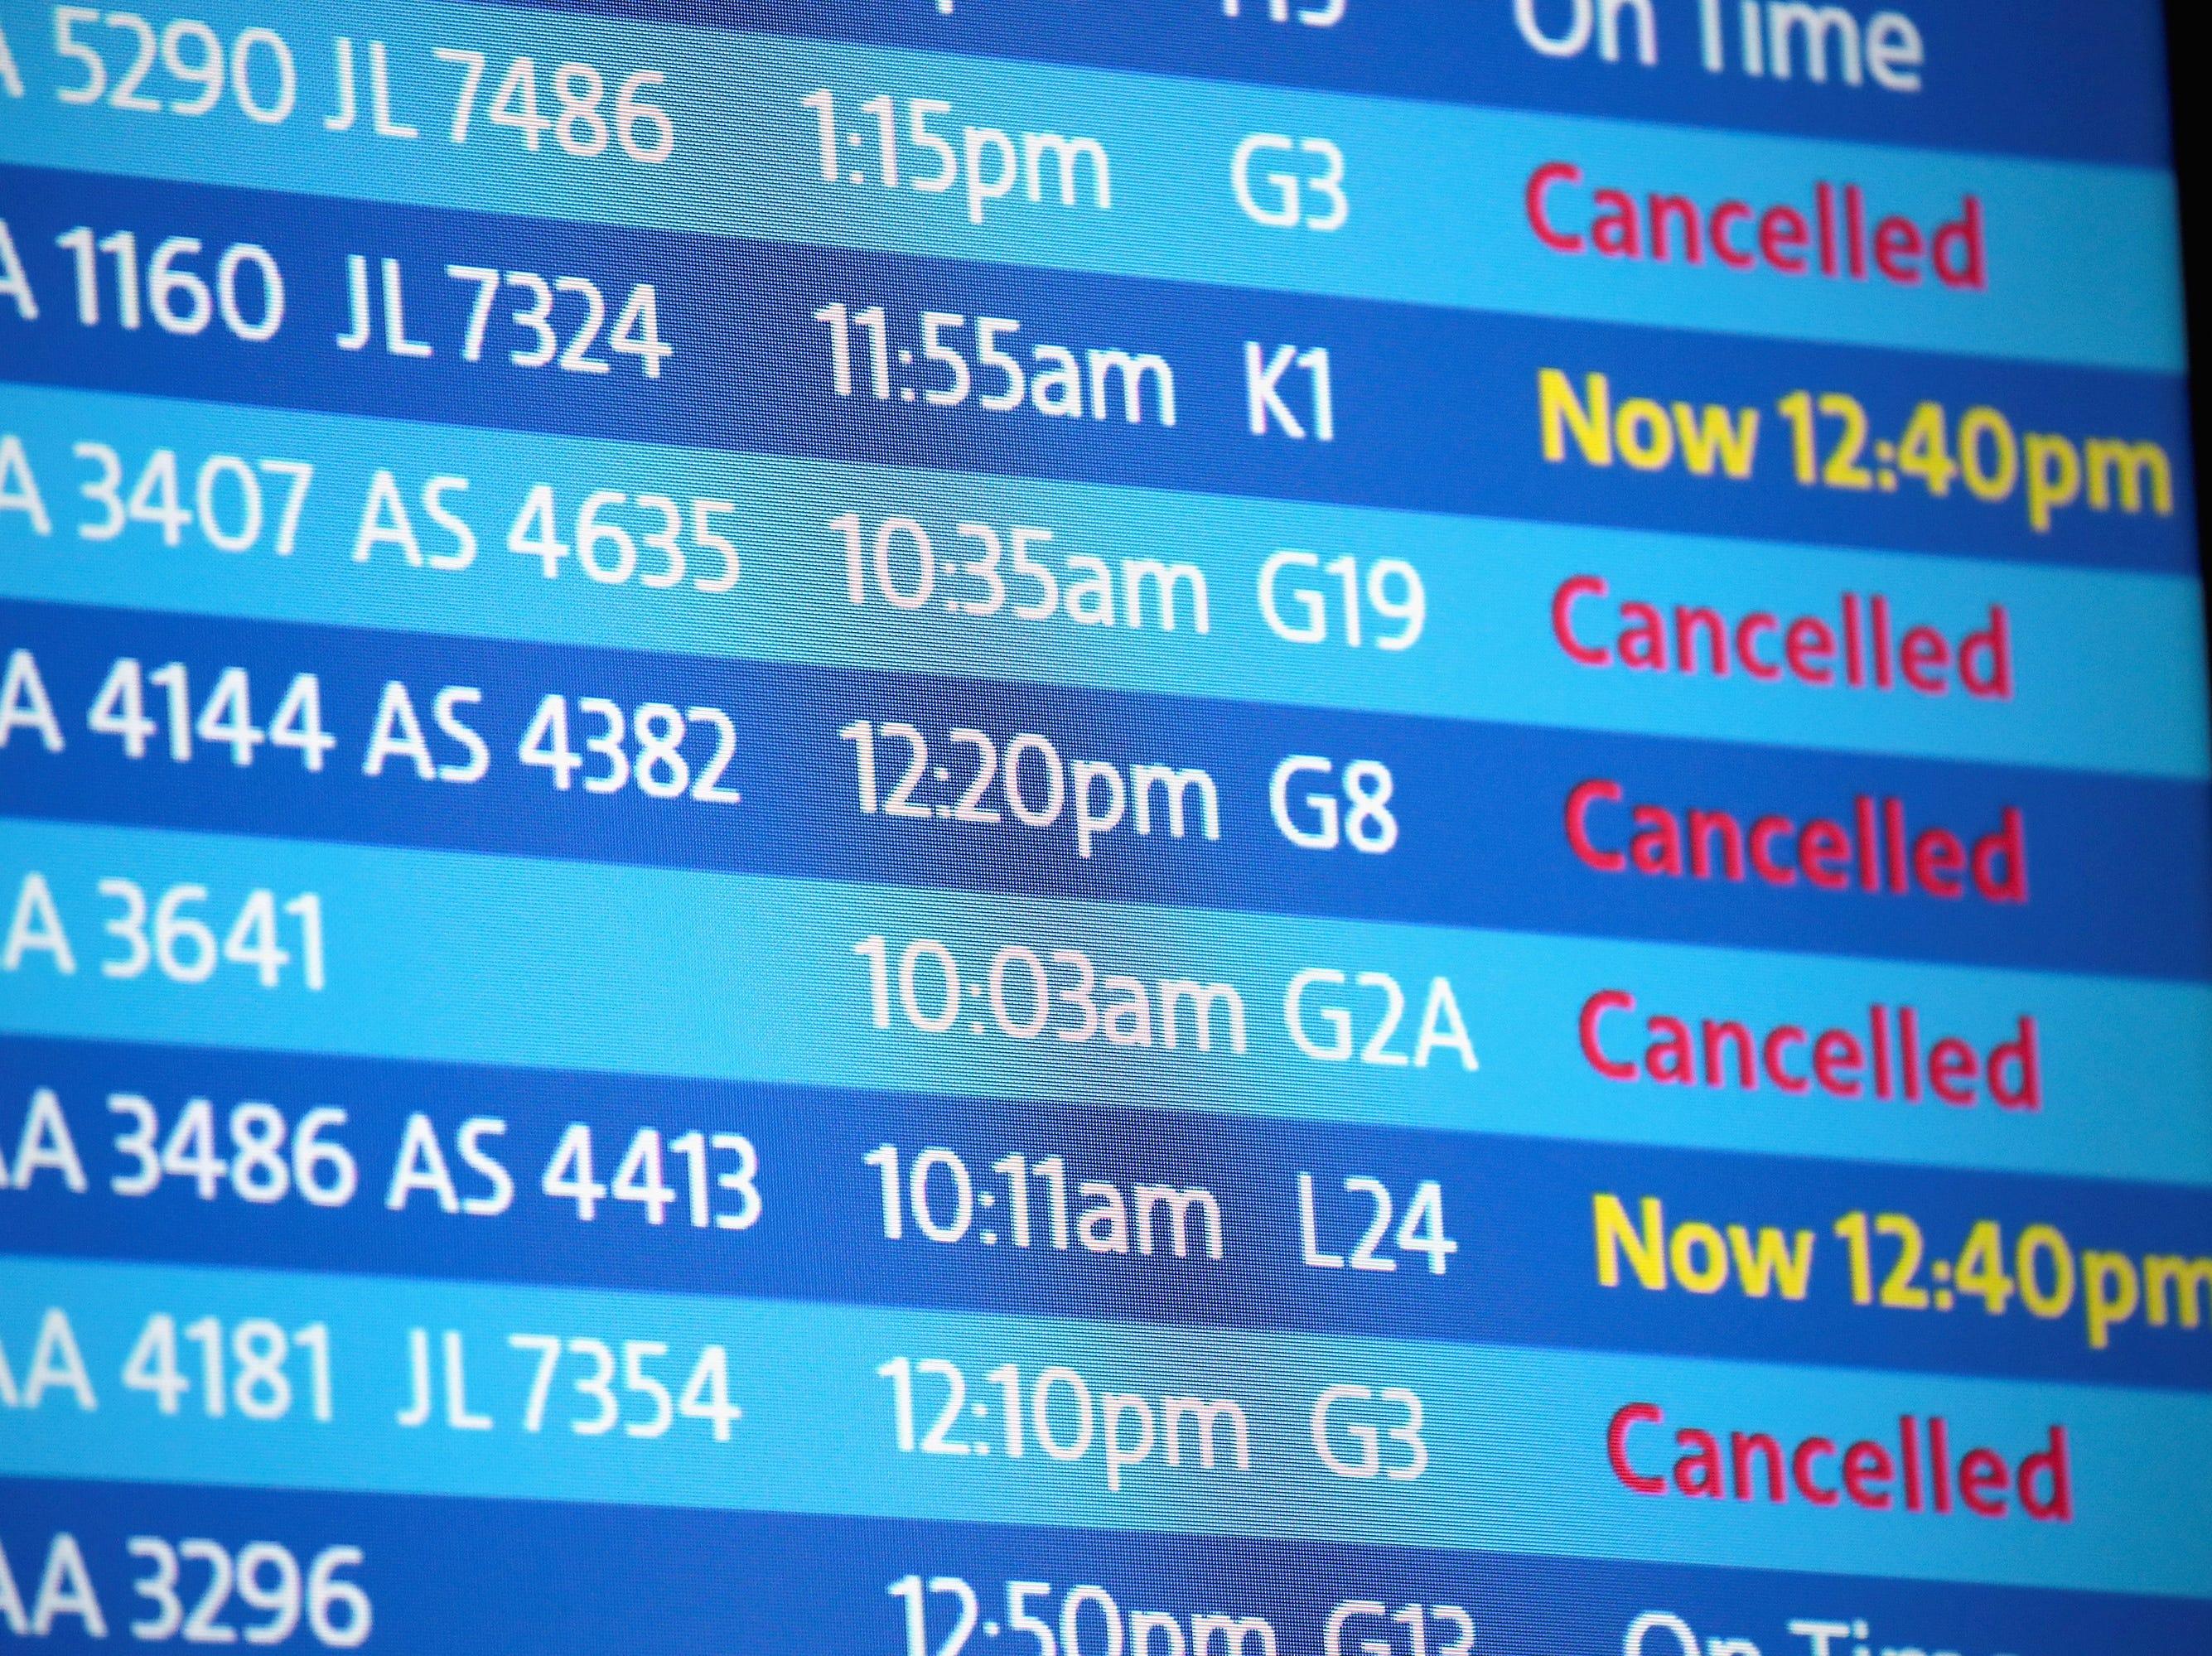 El tablero muestra las demoras y cancelaciones de vuelos en el Aeropuerto Internacional O'Hare después de una tormenta de nieve que dejó más de 7 pulgadas de nieve en el aeropuerto el 26 de noviembre de 2018 en Chicago, Illinois. La tormenta también causó decenas de accidentes de tráfico y dejó a miles sin electricidad.